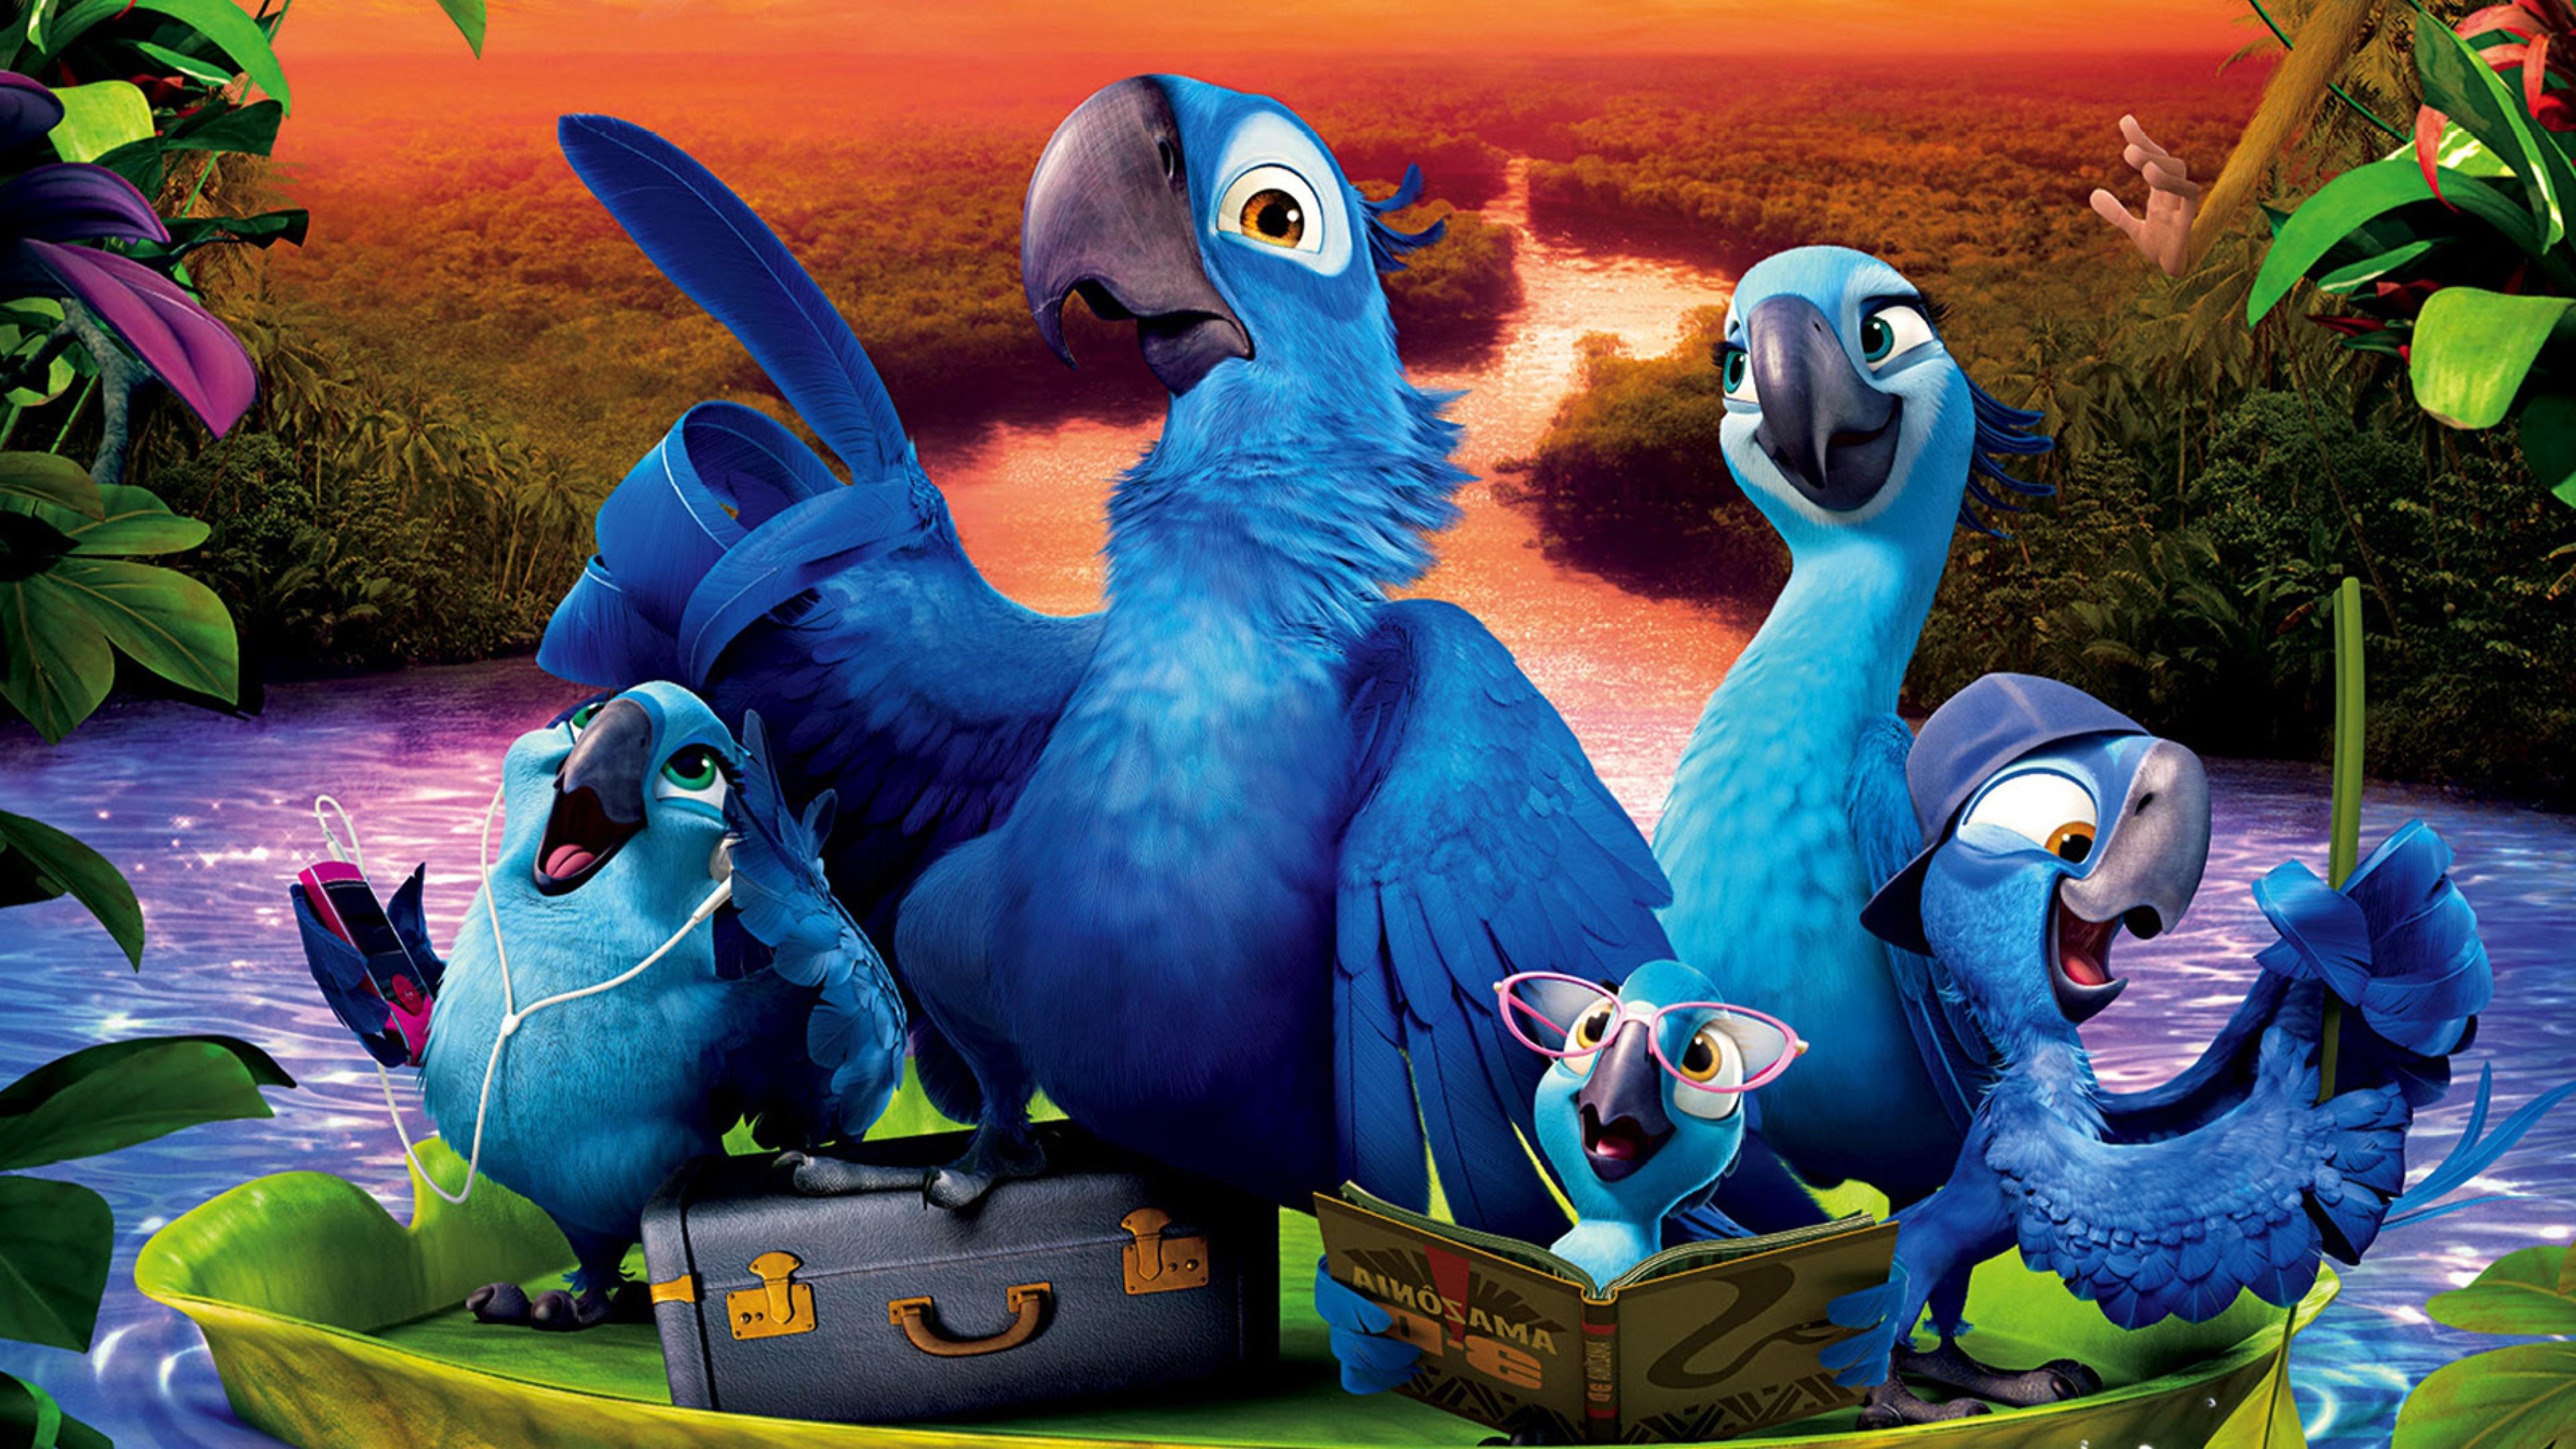 Rio 2 Movie Wallpaper Rio 2 Movie, HD Movies...